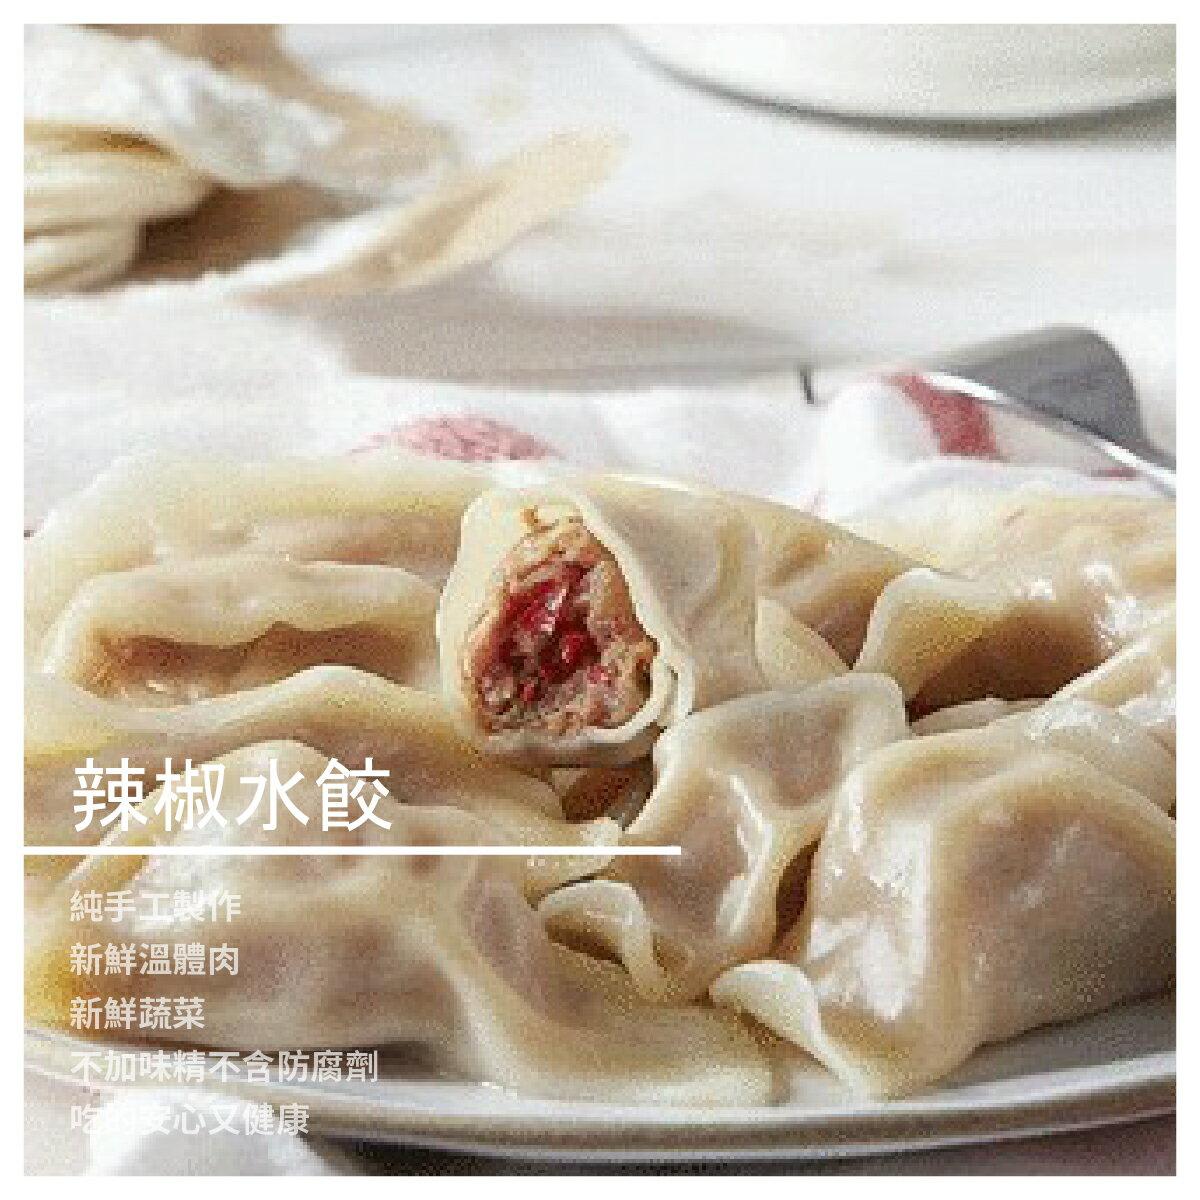 【康媽媽手工水餃鋪】辣椒水餃  20顆/盒